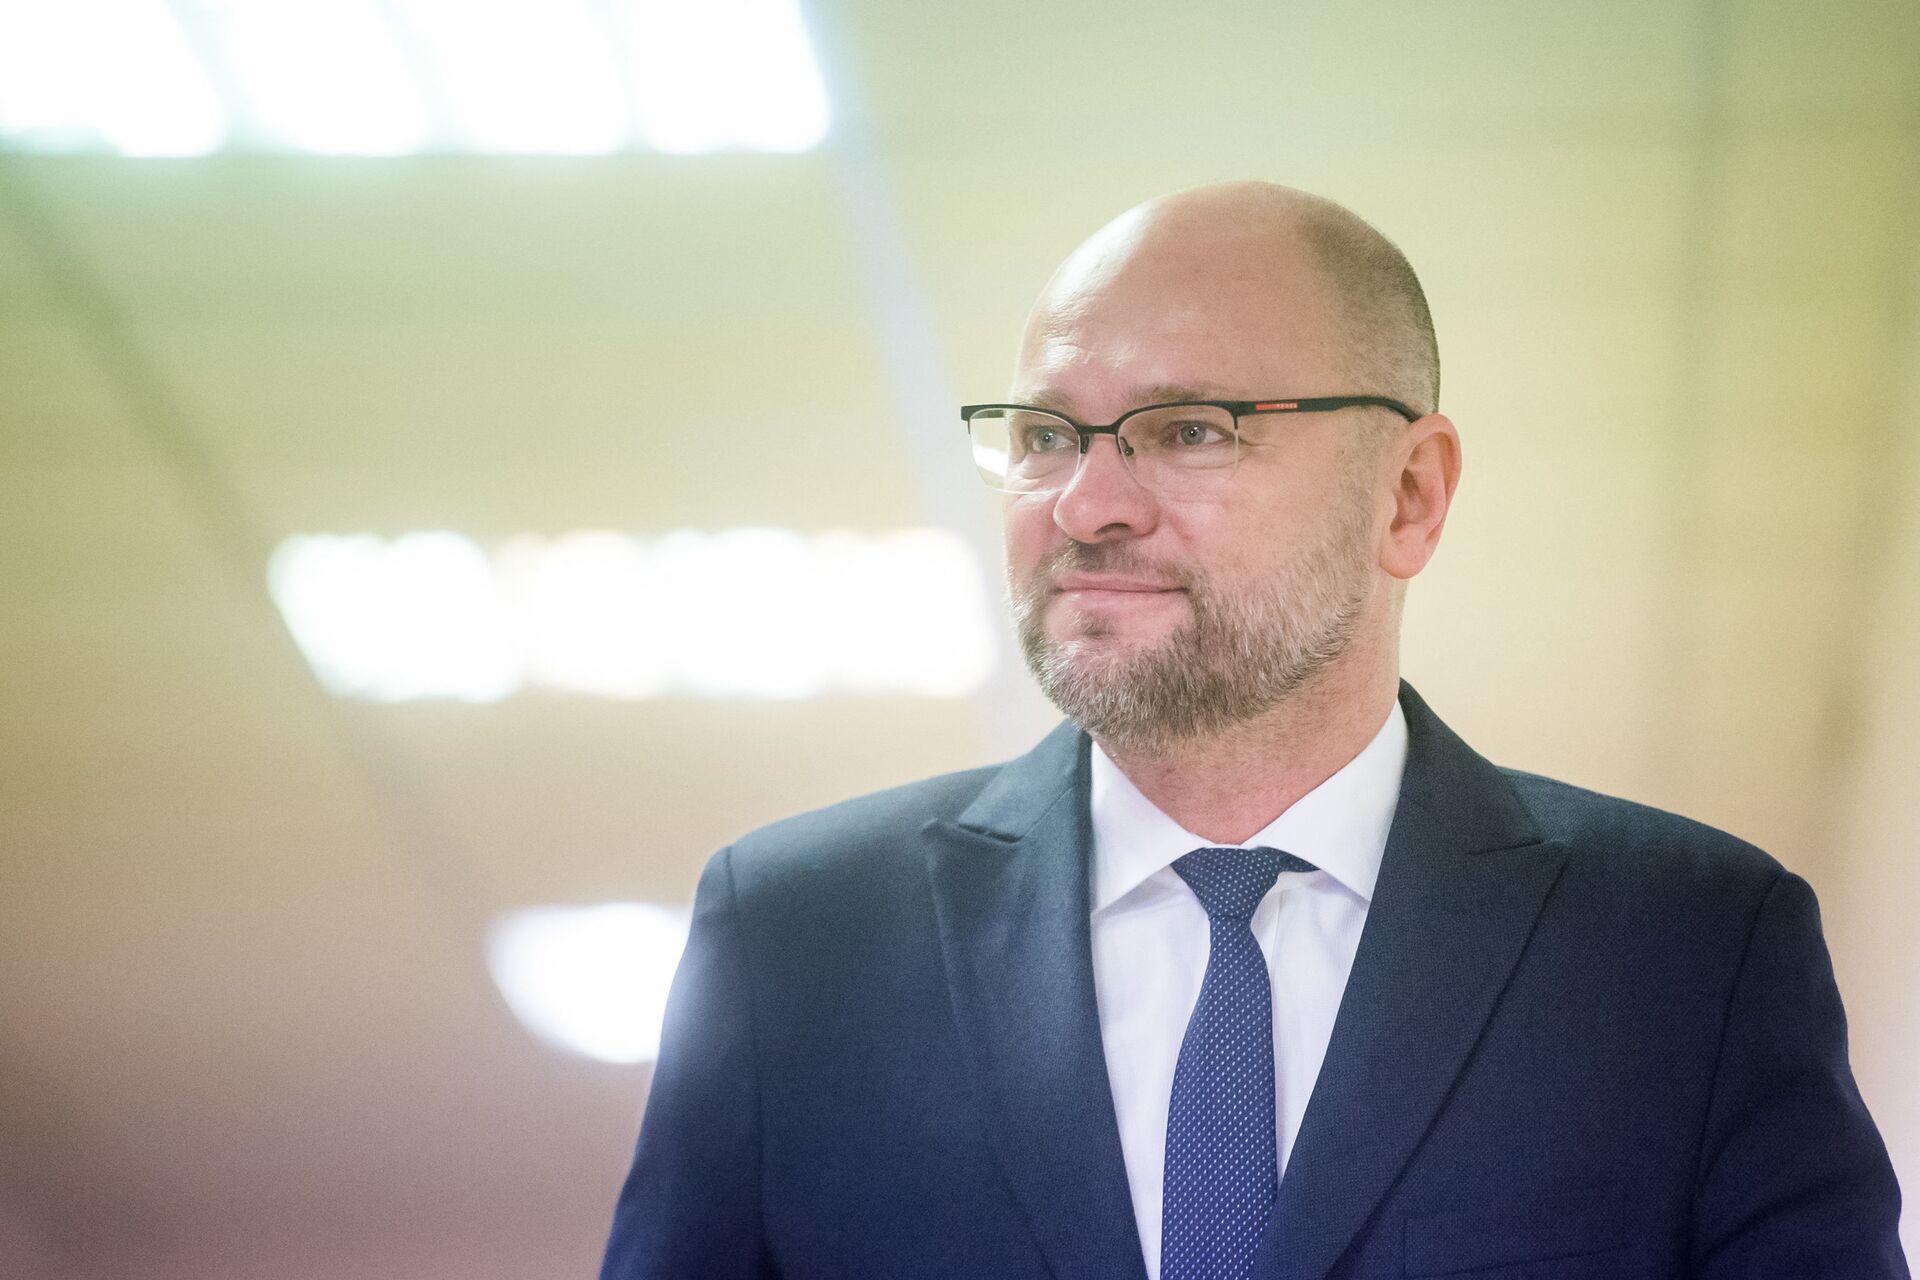 Wicepremier Słowacji podał się do dymisji: Teraz kolej na premiera Matoviča  - Sputnik Polska, 1920, 22.03.2021